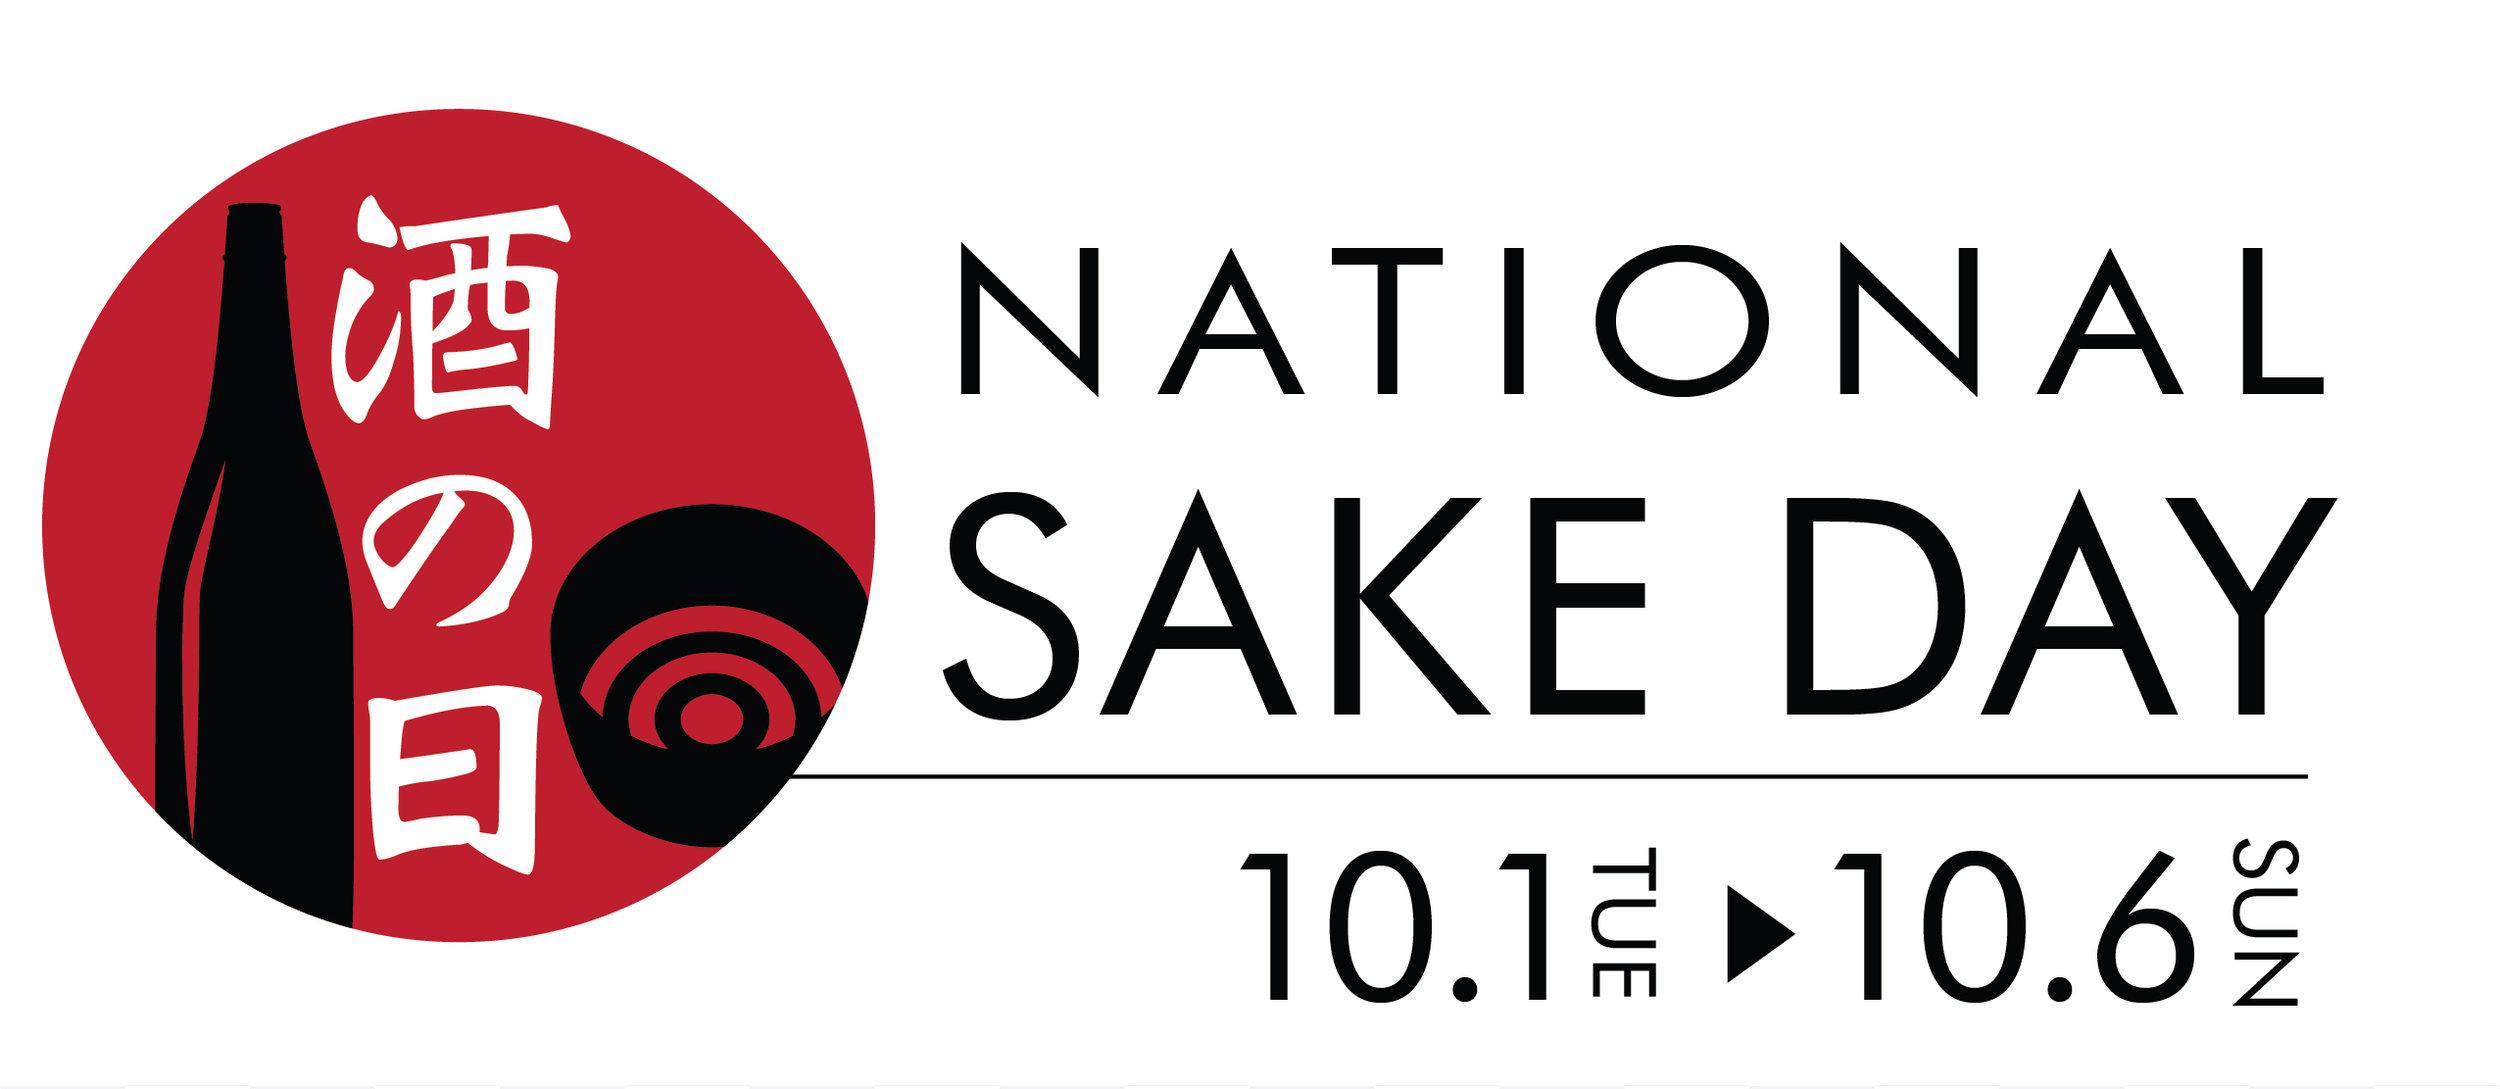 Sake_Day-05.jpg